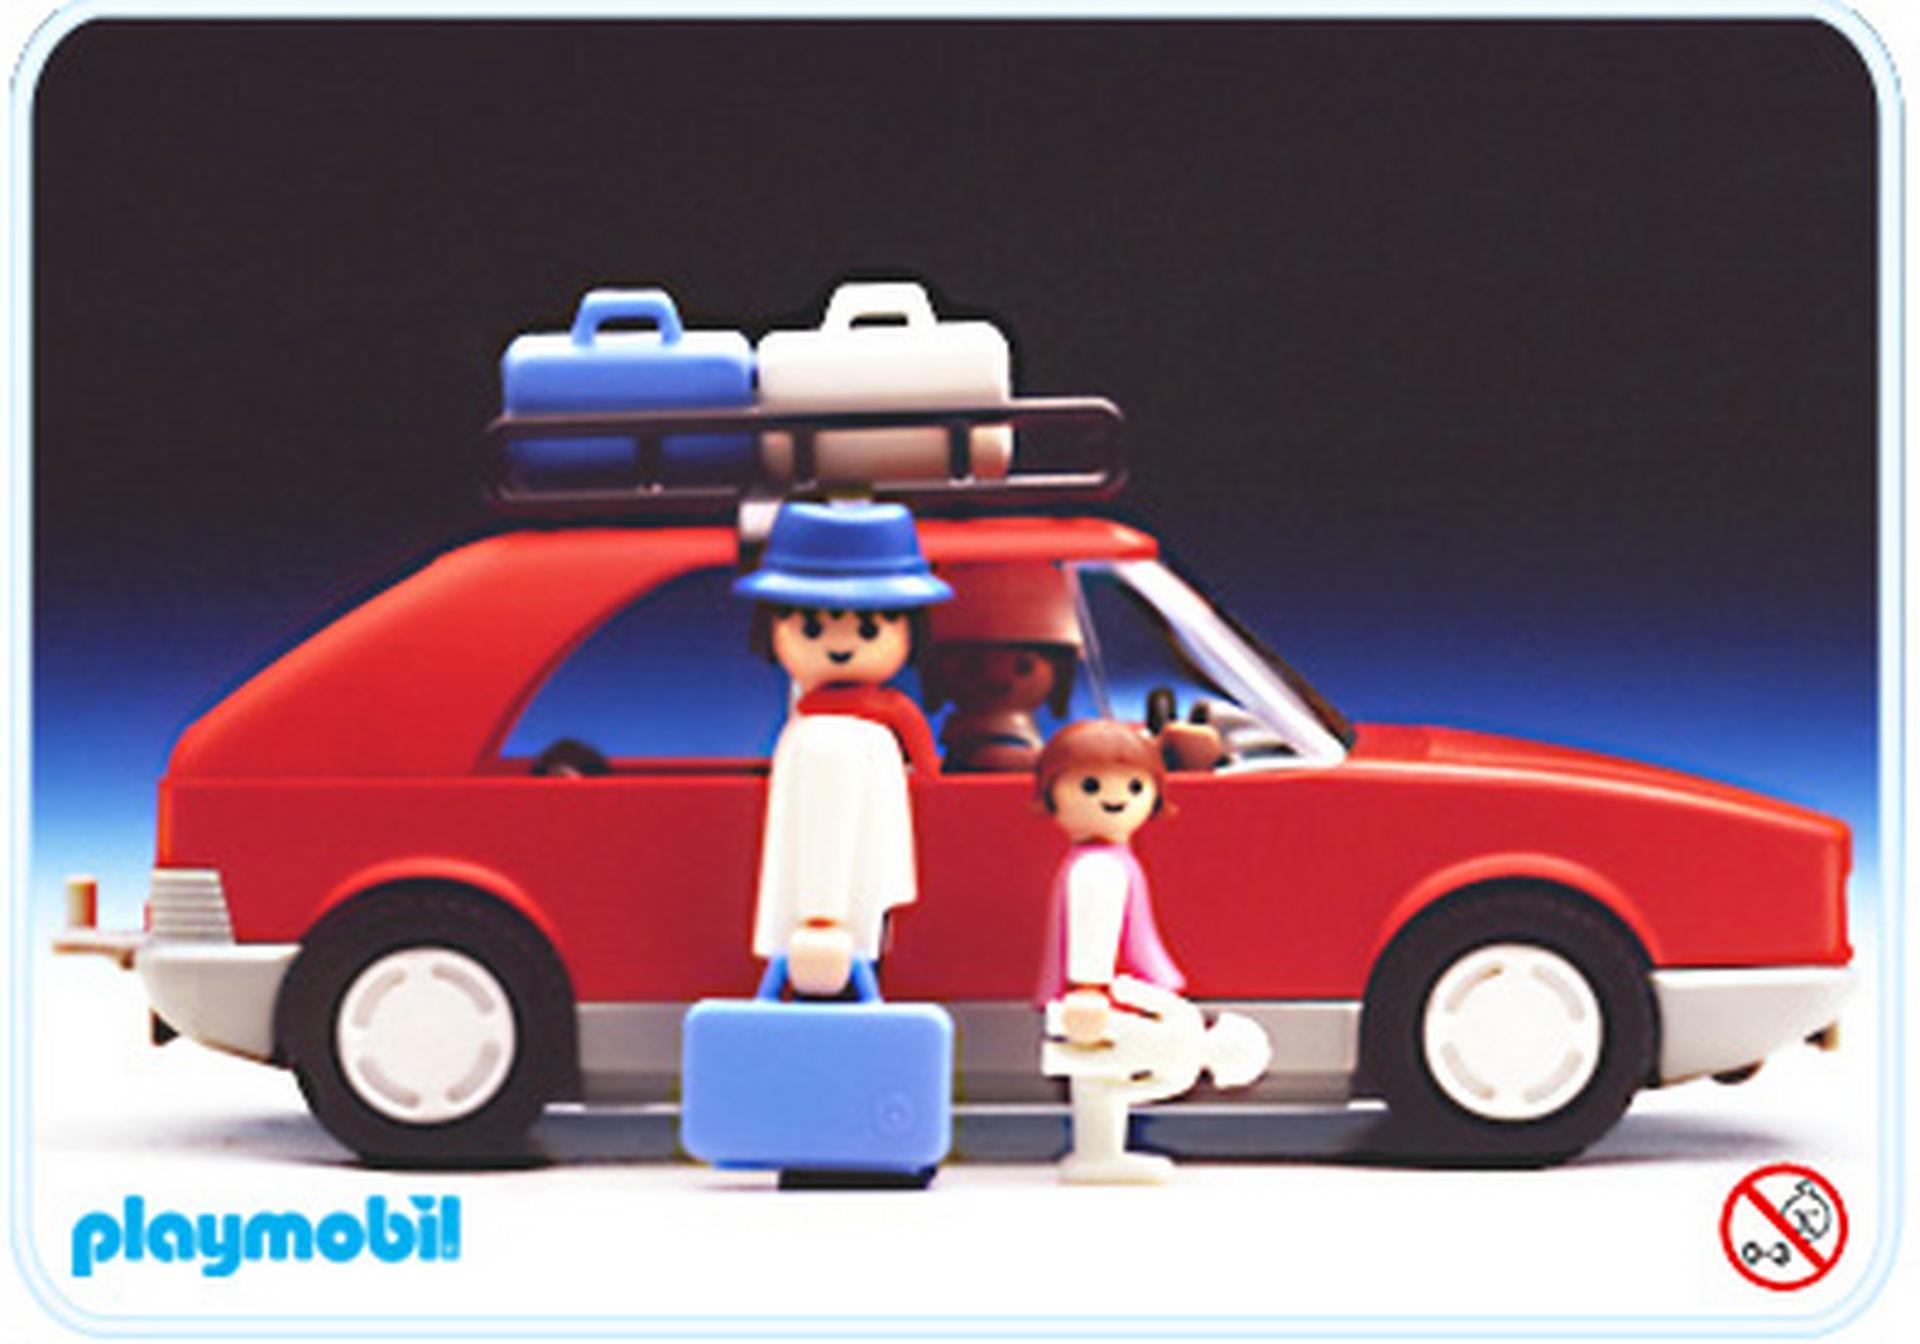 Reiselimousine 3139 b playmobil deutschland for Jugendzimmer playmobil